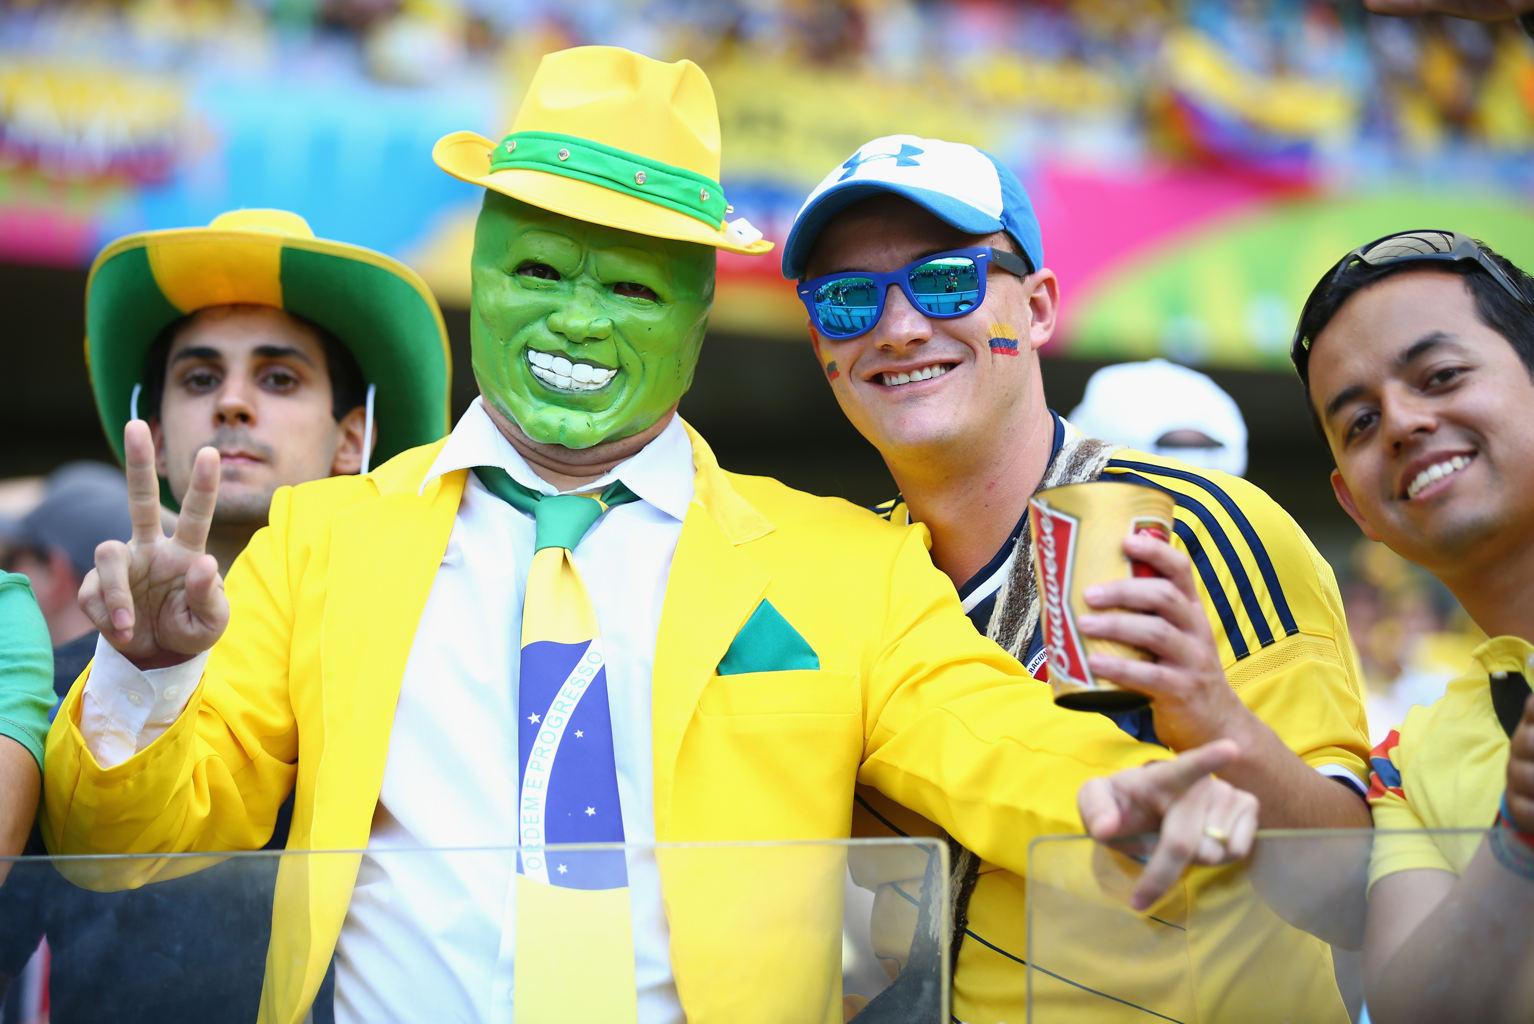 عکس های با مزه تماشاگران جام جهانی 2014,عکس های خنده دار تماشاگران جام جهانی برزیل,عکس های جالب تماشاگران جام جهانی 2014,شکلک های باحال جام جهانی 2014